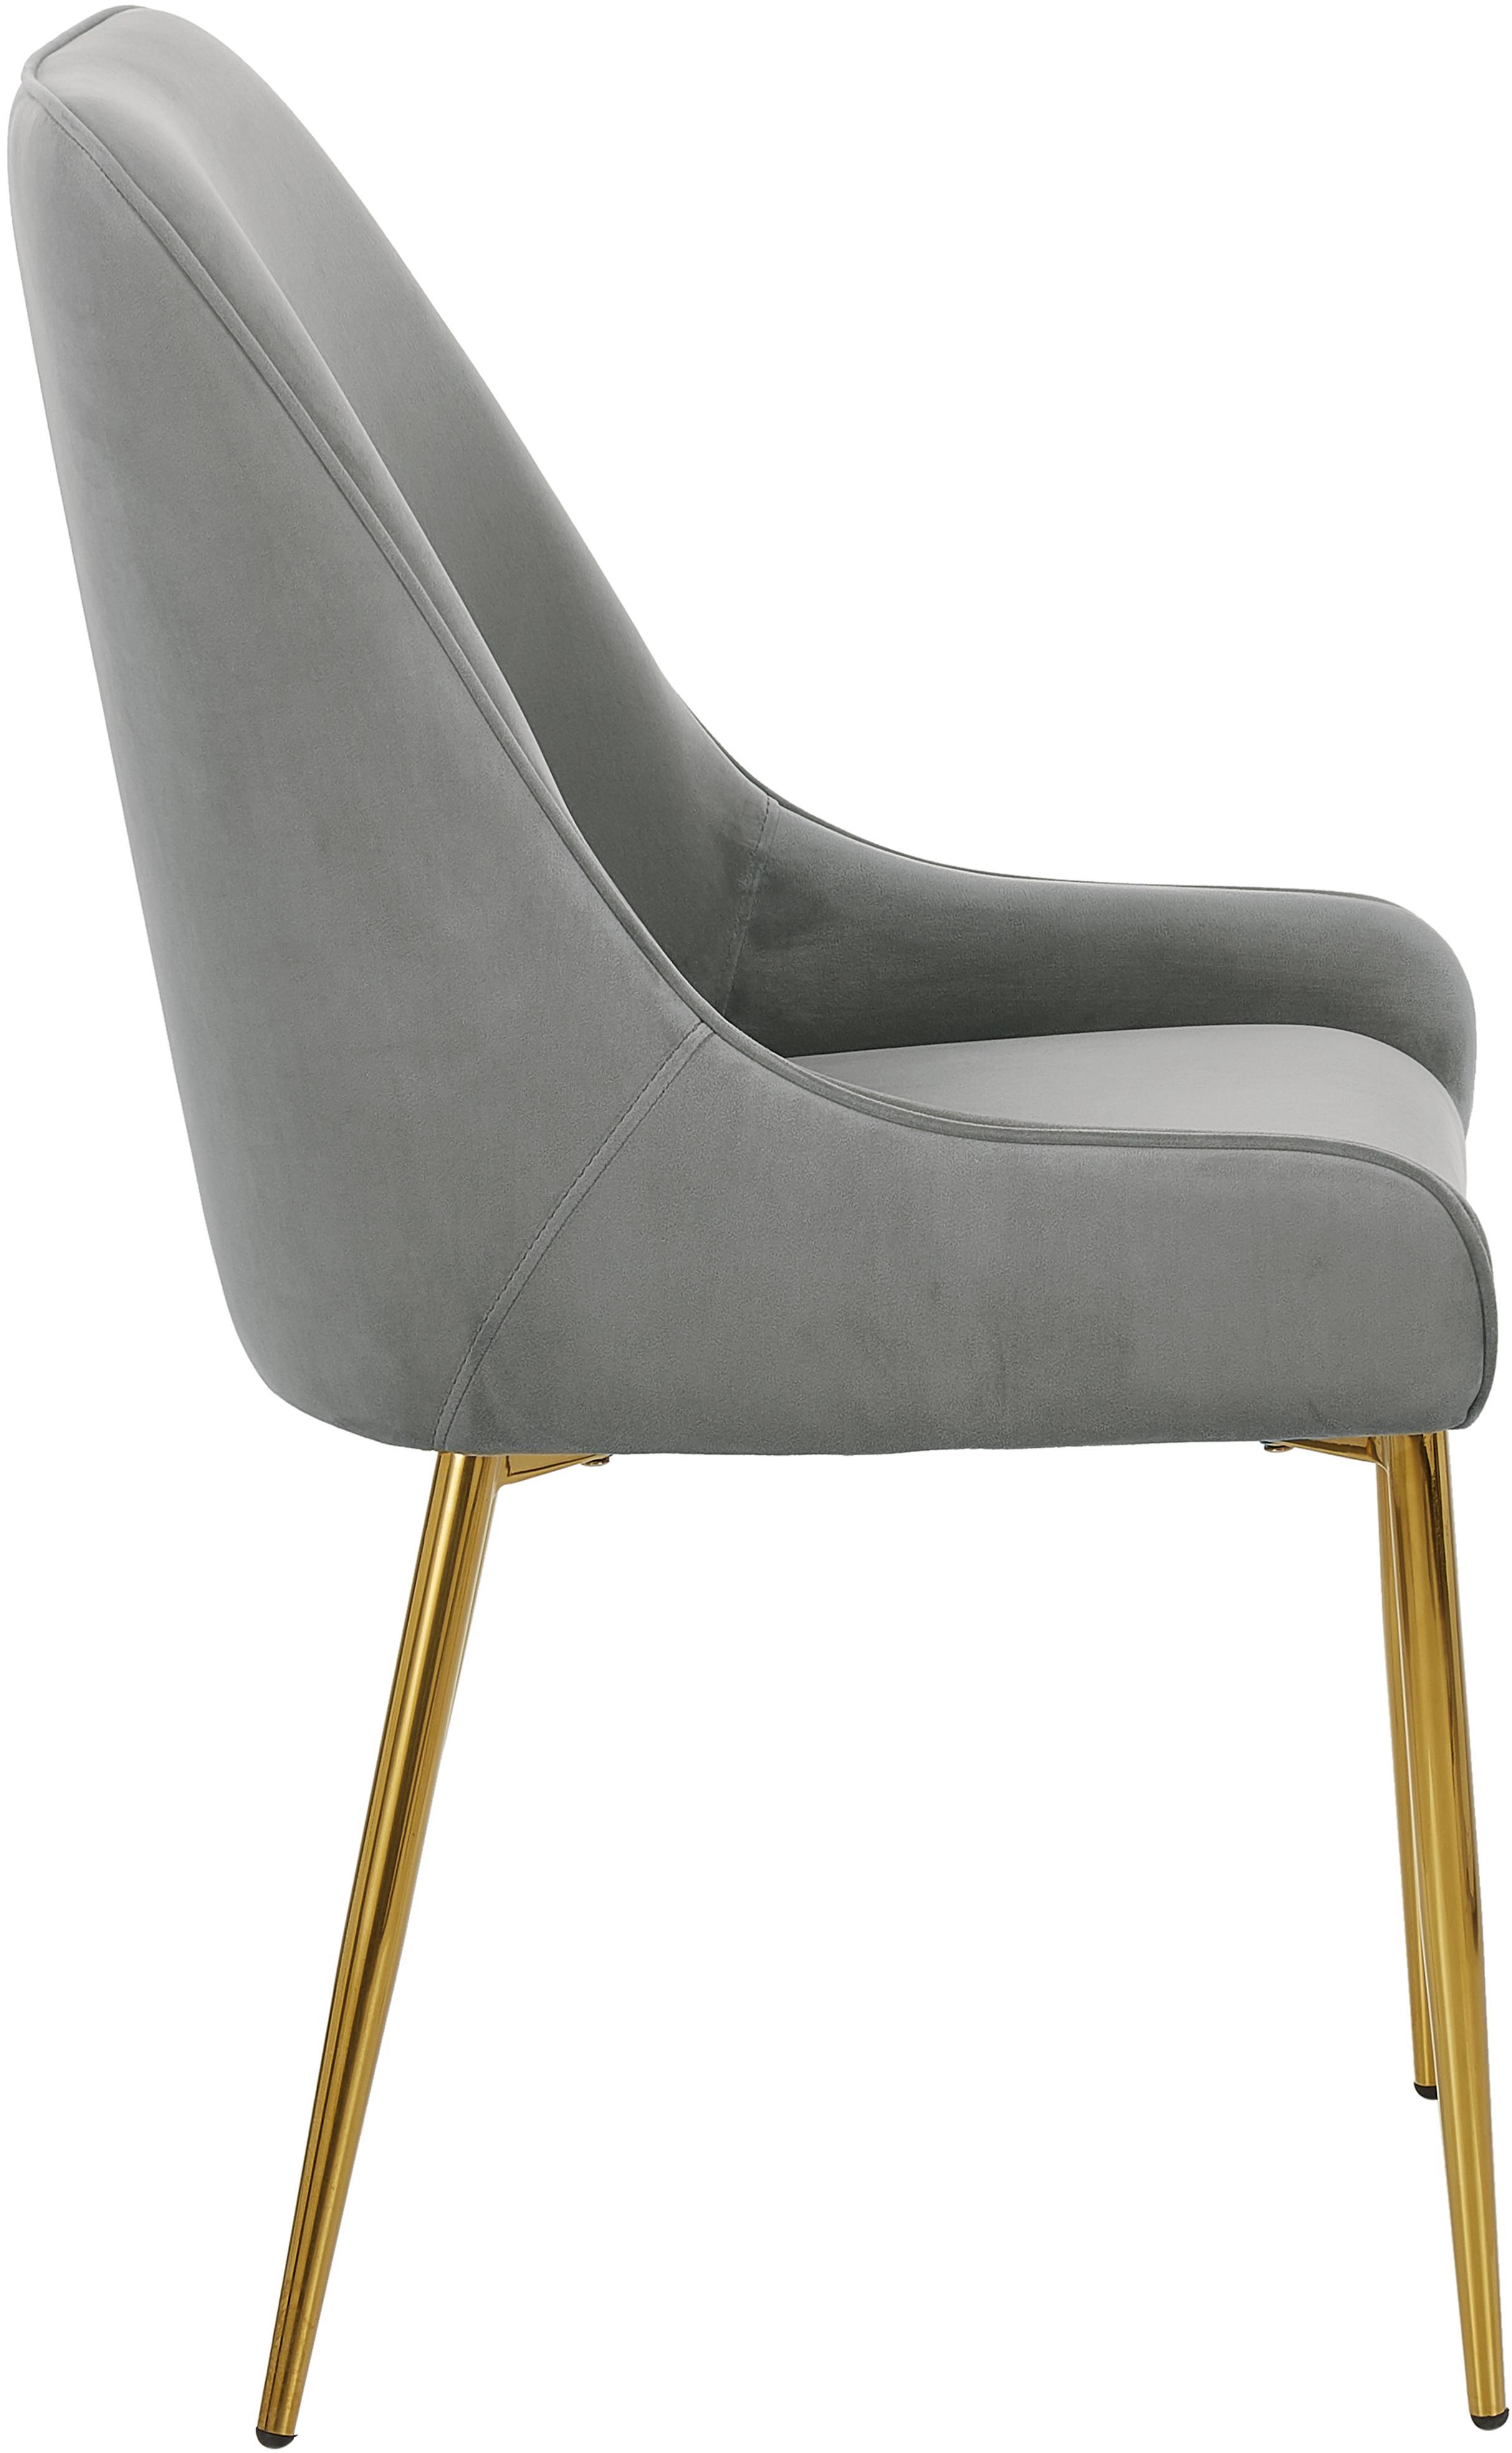 Sedia imbottita in velluto con gambe dorate Ava, Rivestimento: velluto (100% poliestere), Gambe: metallo zincato, Velluto grigio, Larg. 53 x Alt. 60 cm